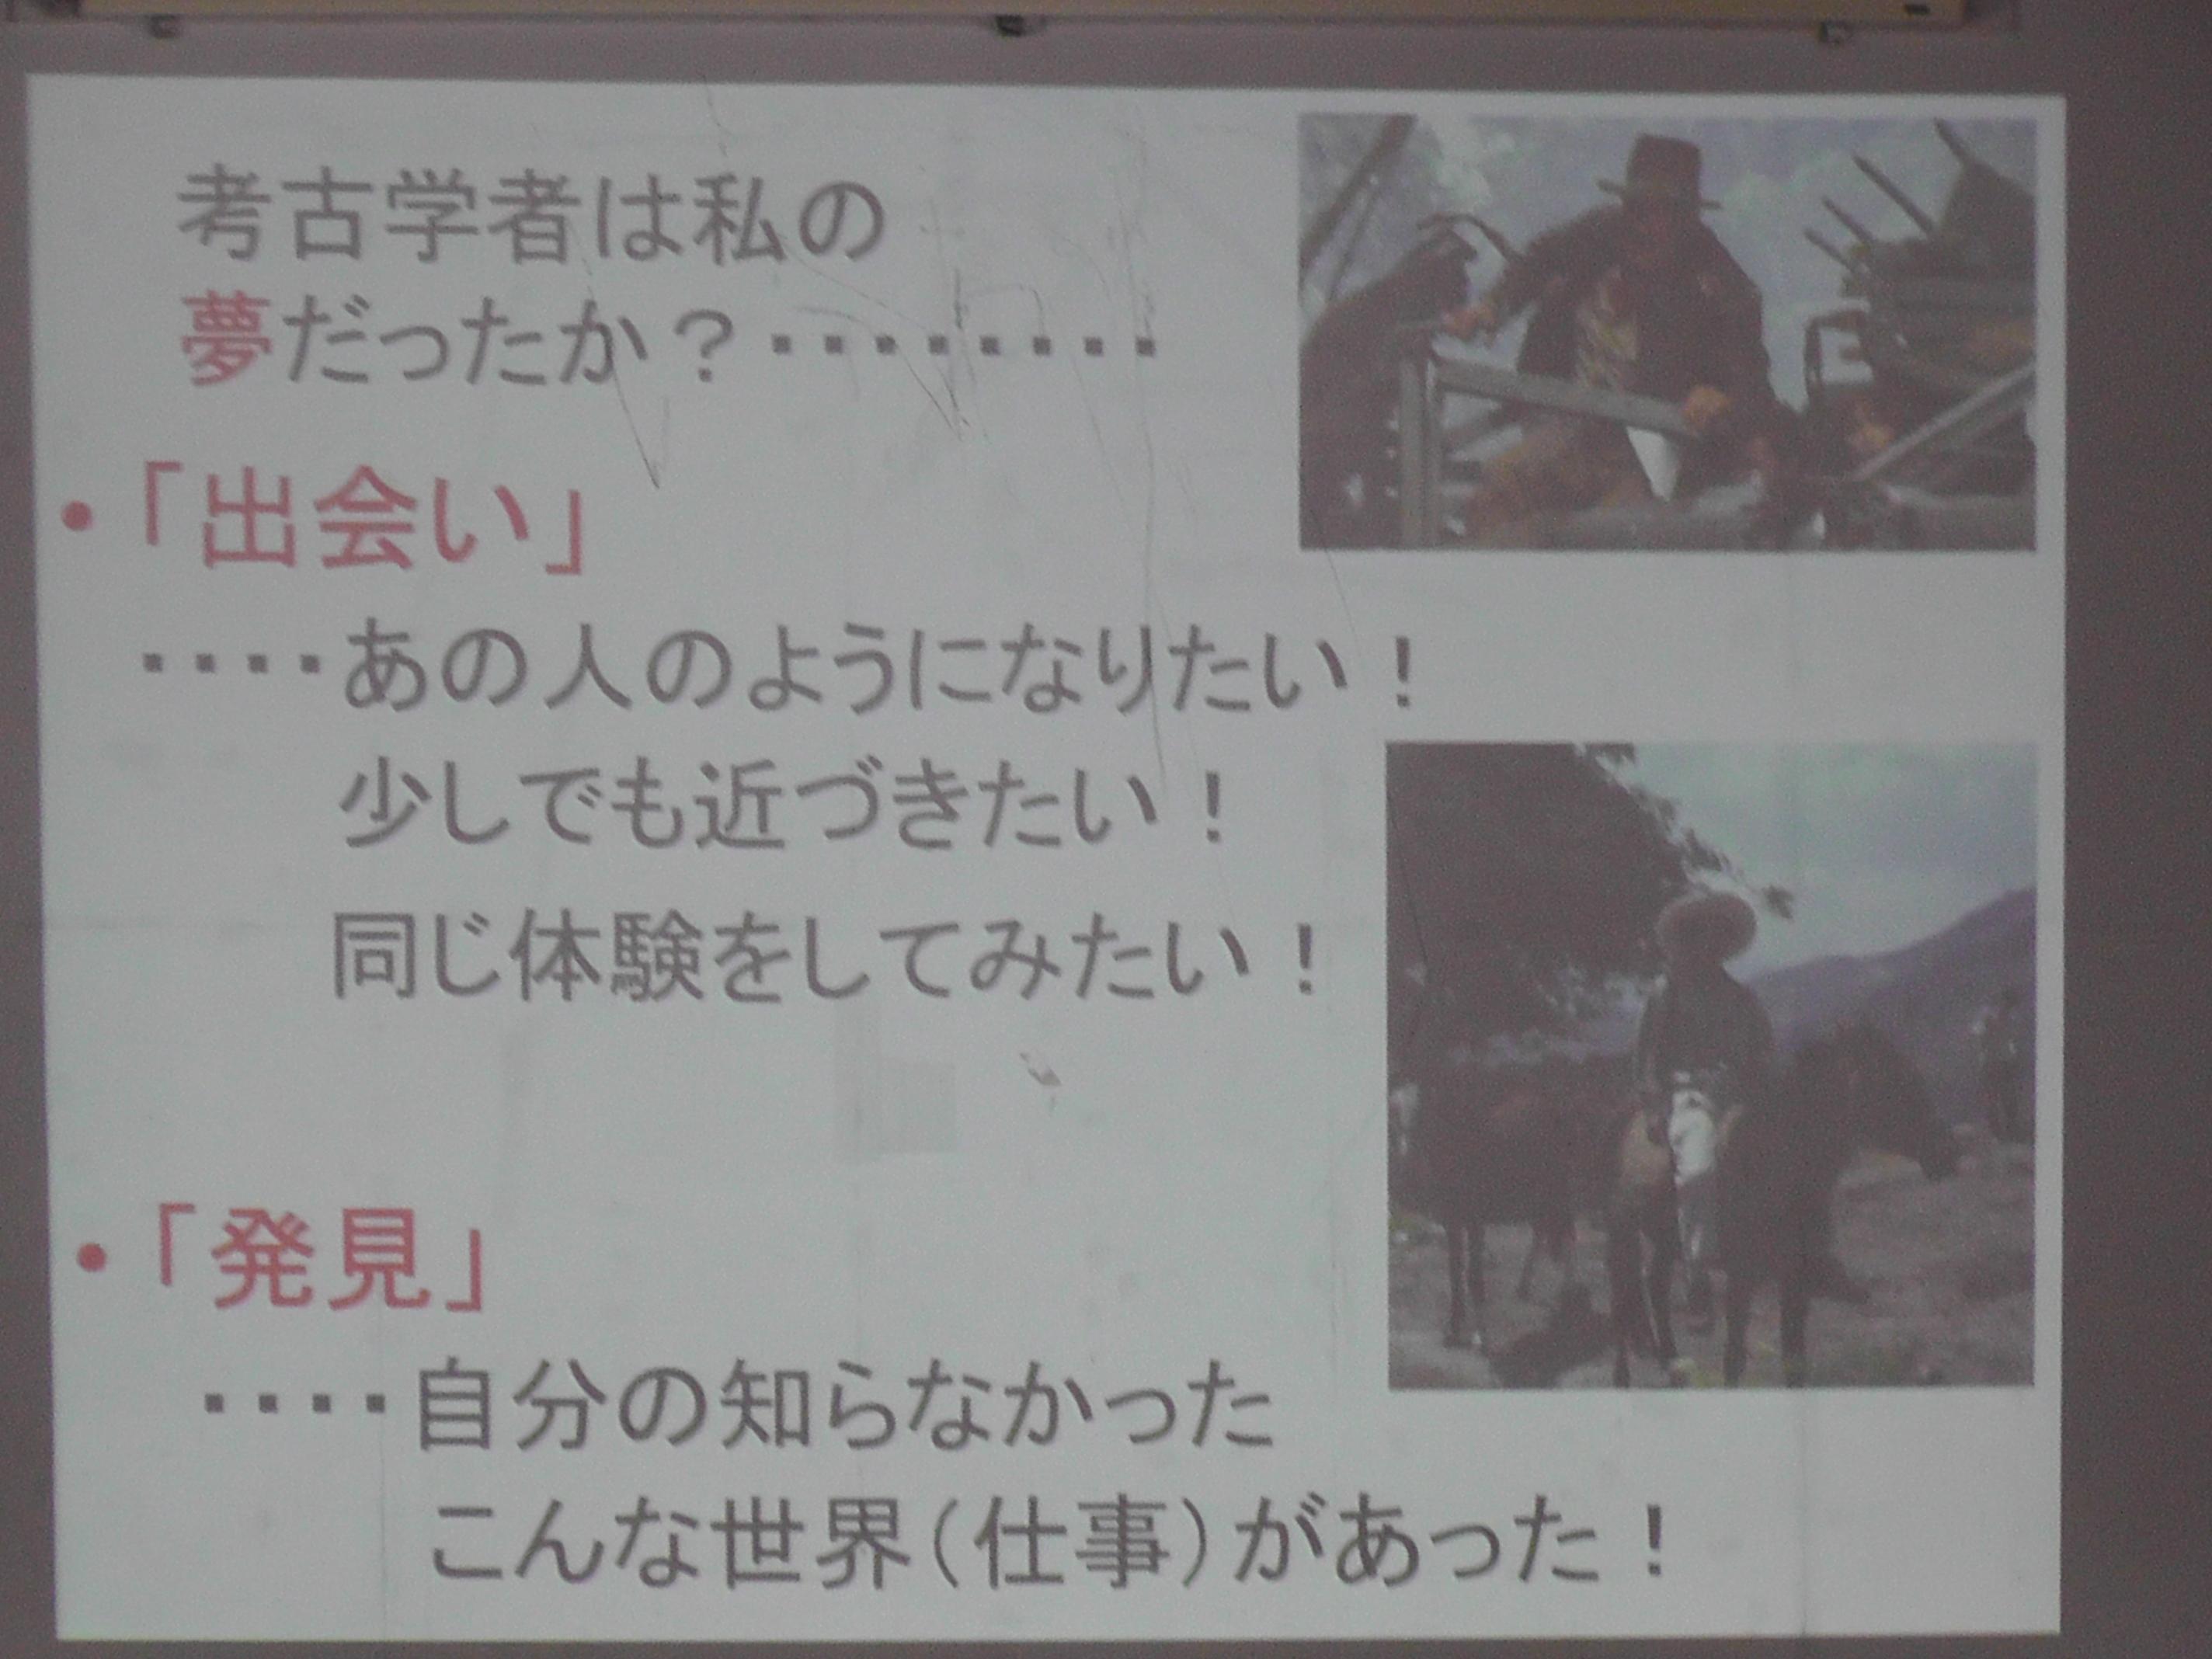 http://www.fuzoku.edu.mie-u.ac.jp/chu/445.JPG